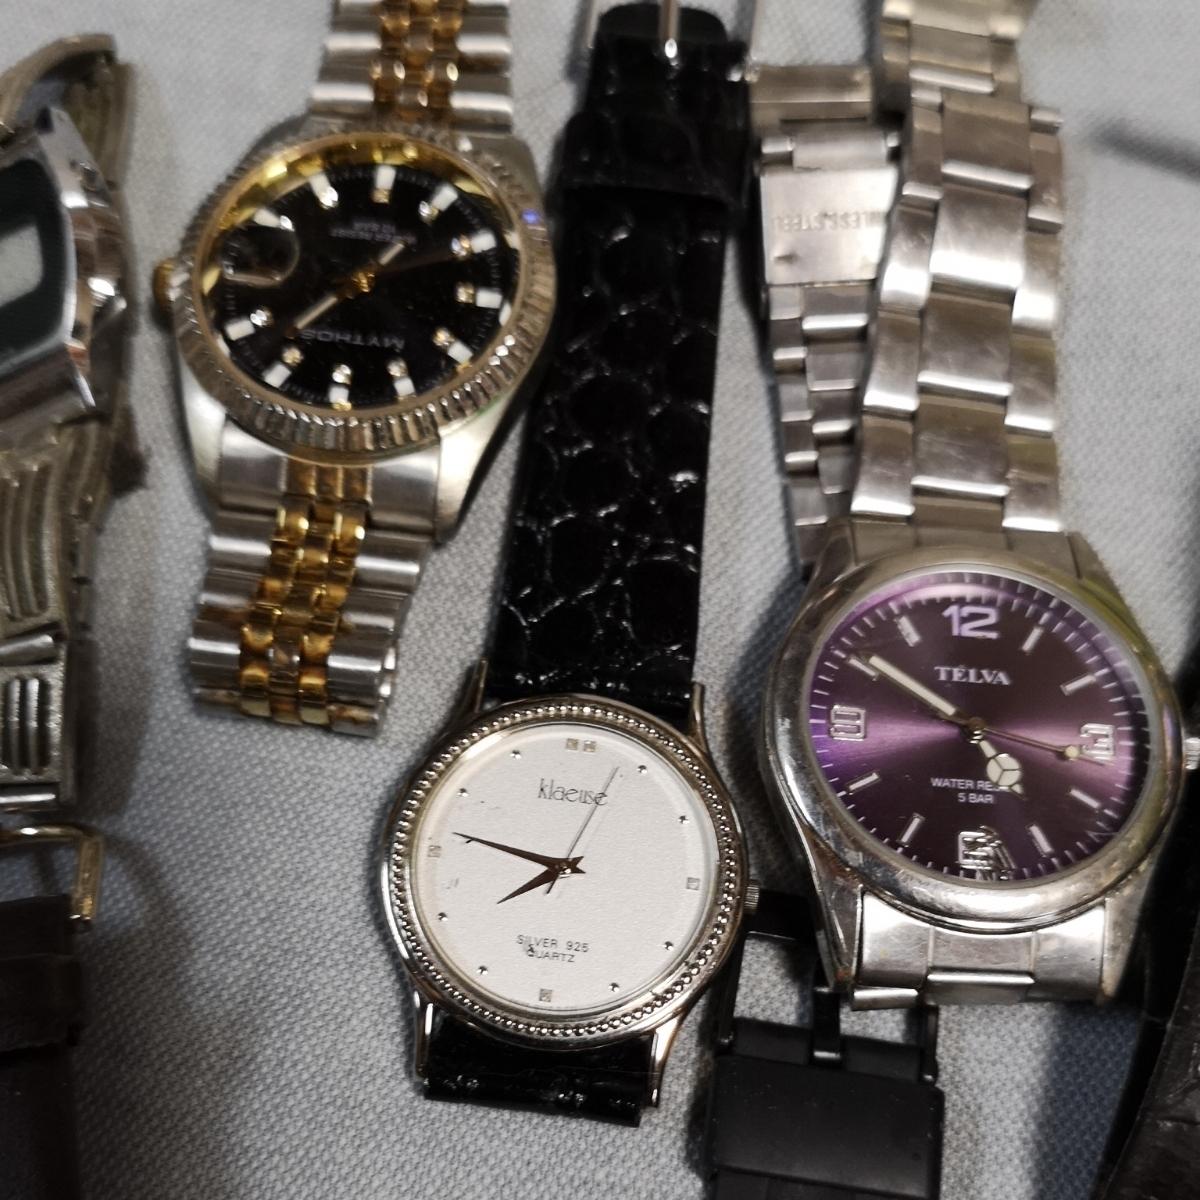 腕時計 大量 50個 SEIKO CITIZEN カシオ クォーツ 手巻 懐中時計 銀時計 ジャンク_画像9